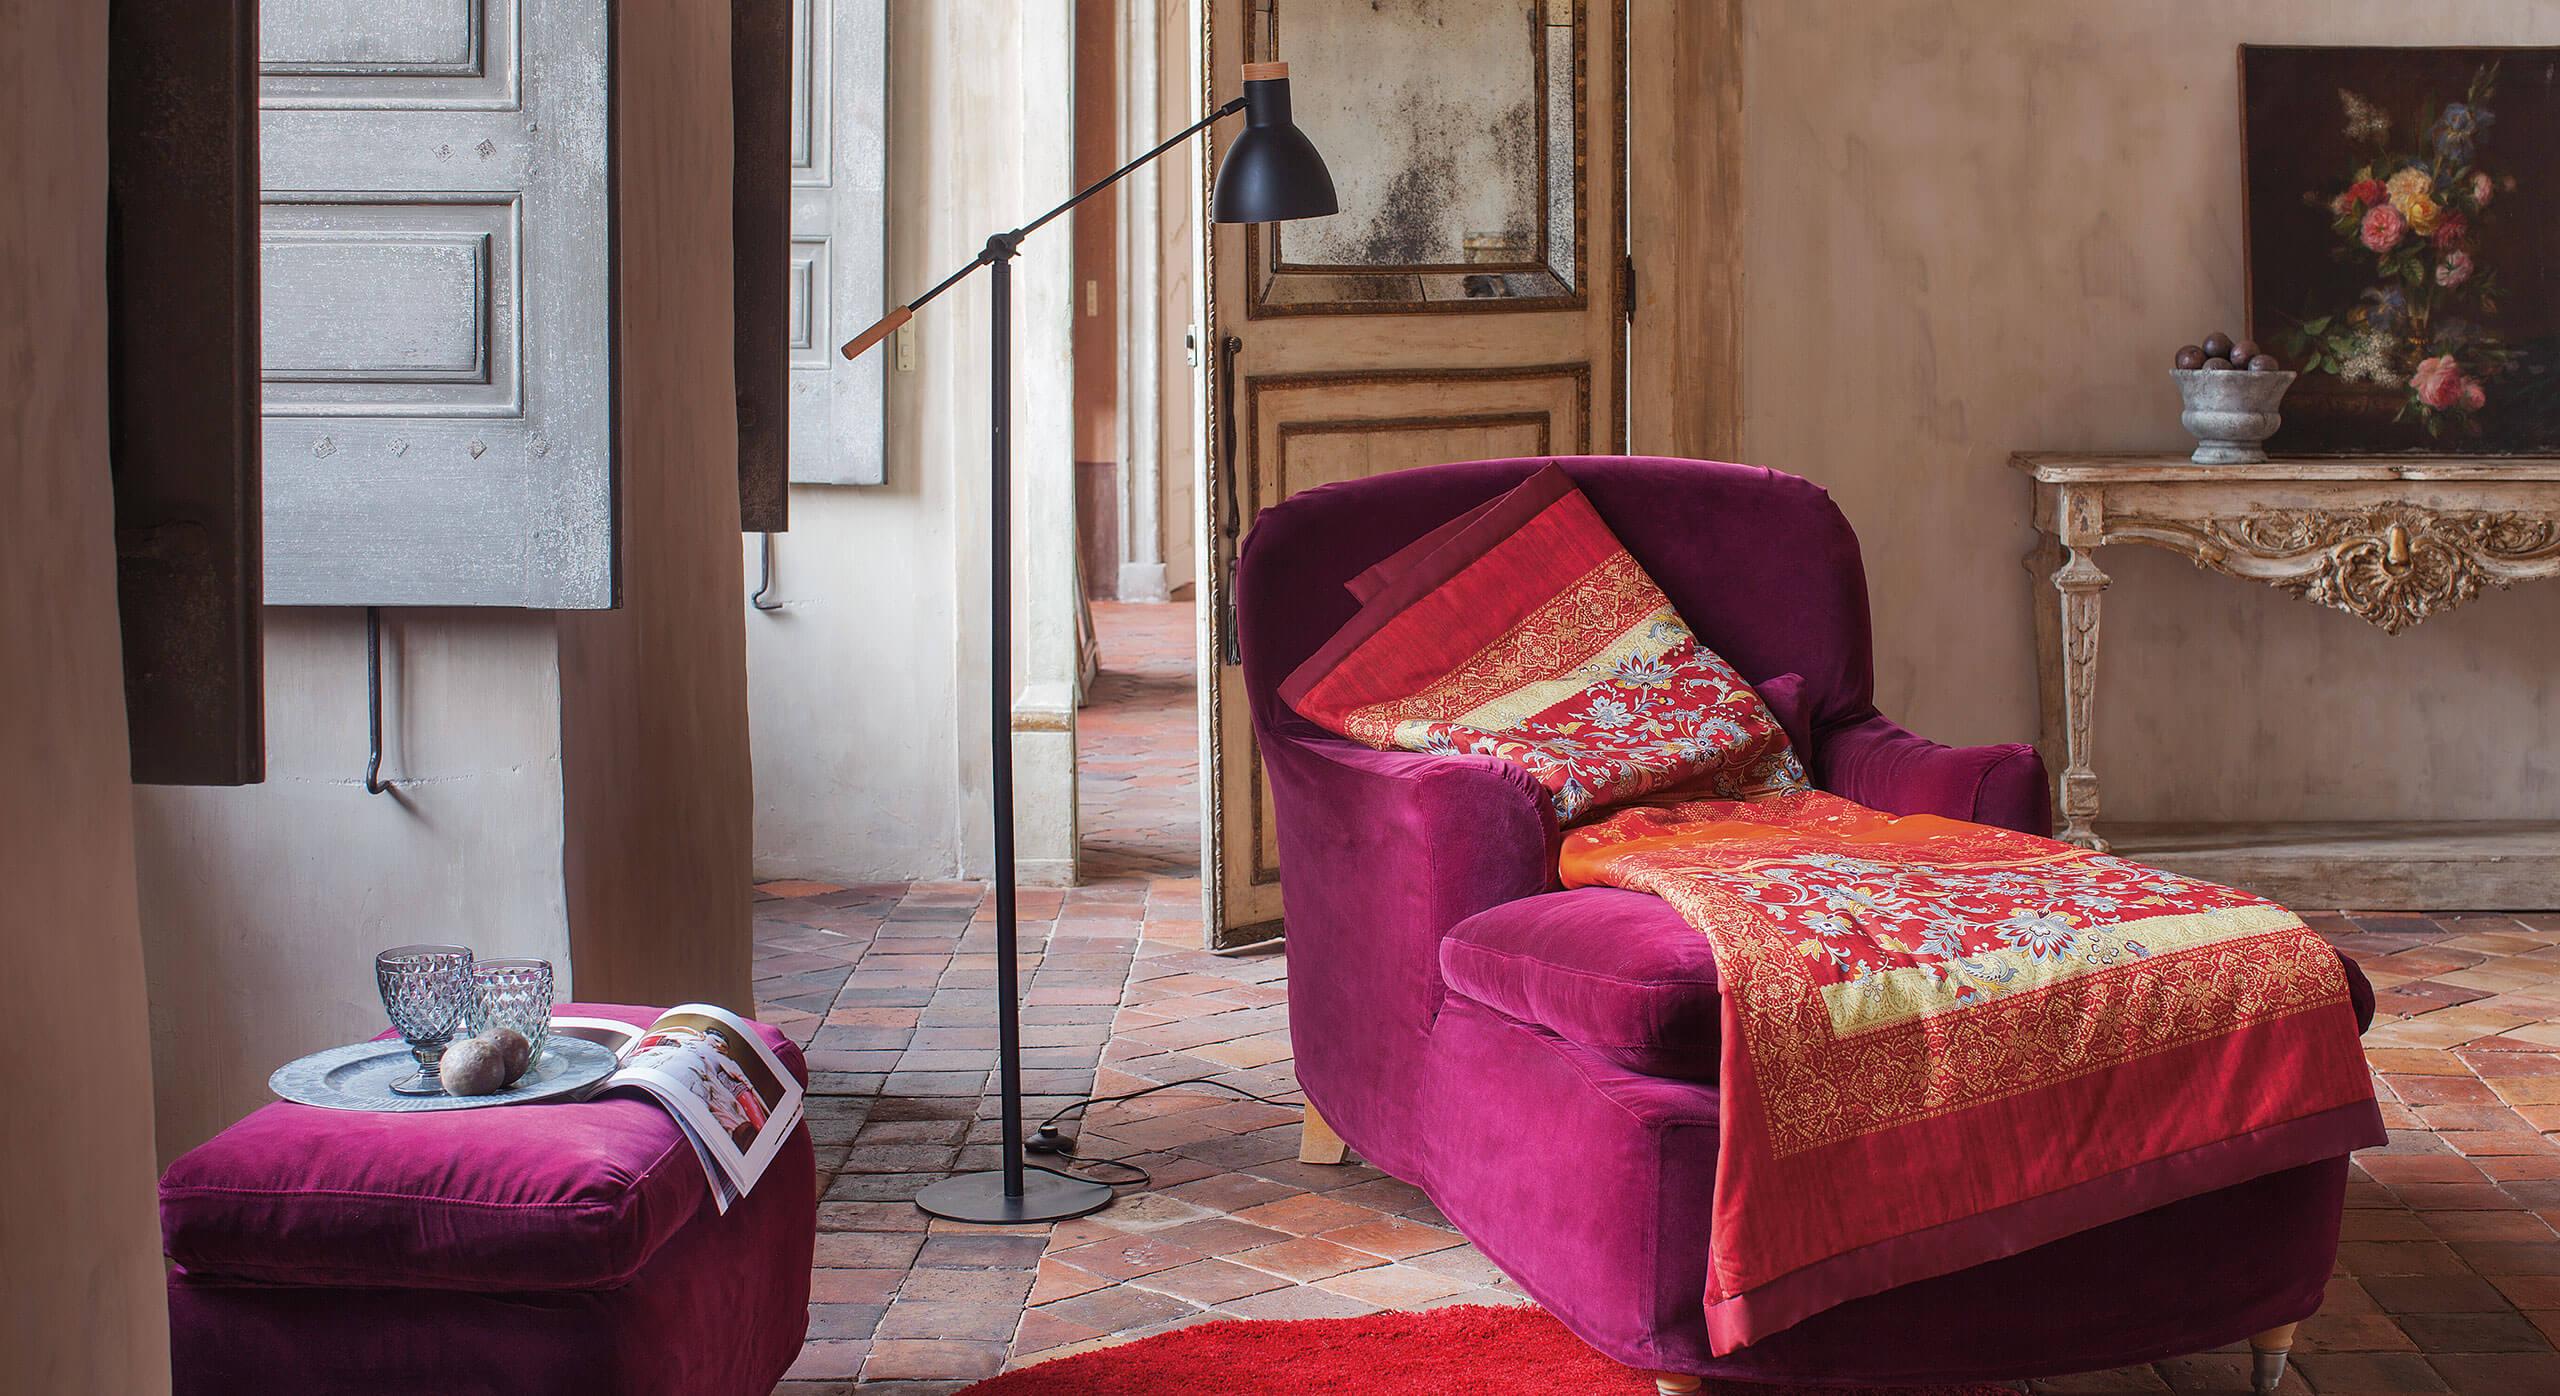 Stiegeler Schlafkomfort Wohnzimmer